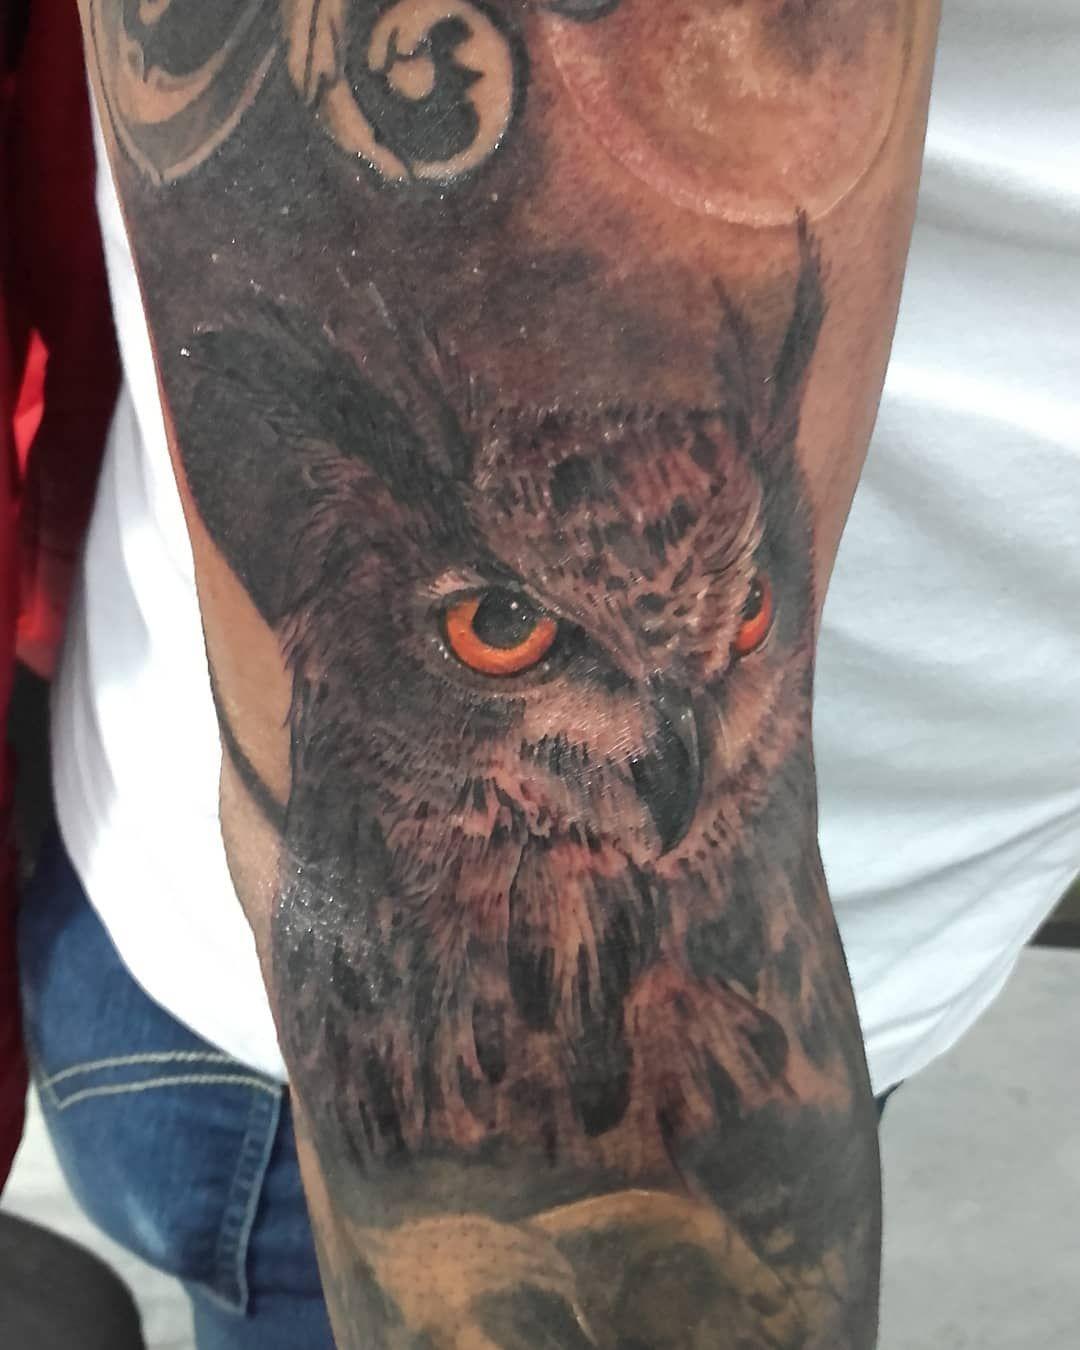 #tattoo #coruja #tattoocoruja #inkcolor #tattooblack #tatuajemujer #tattoooo #in...